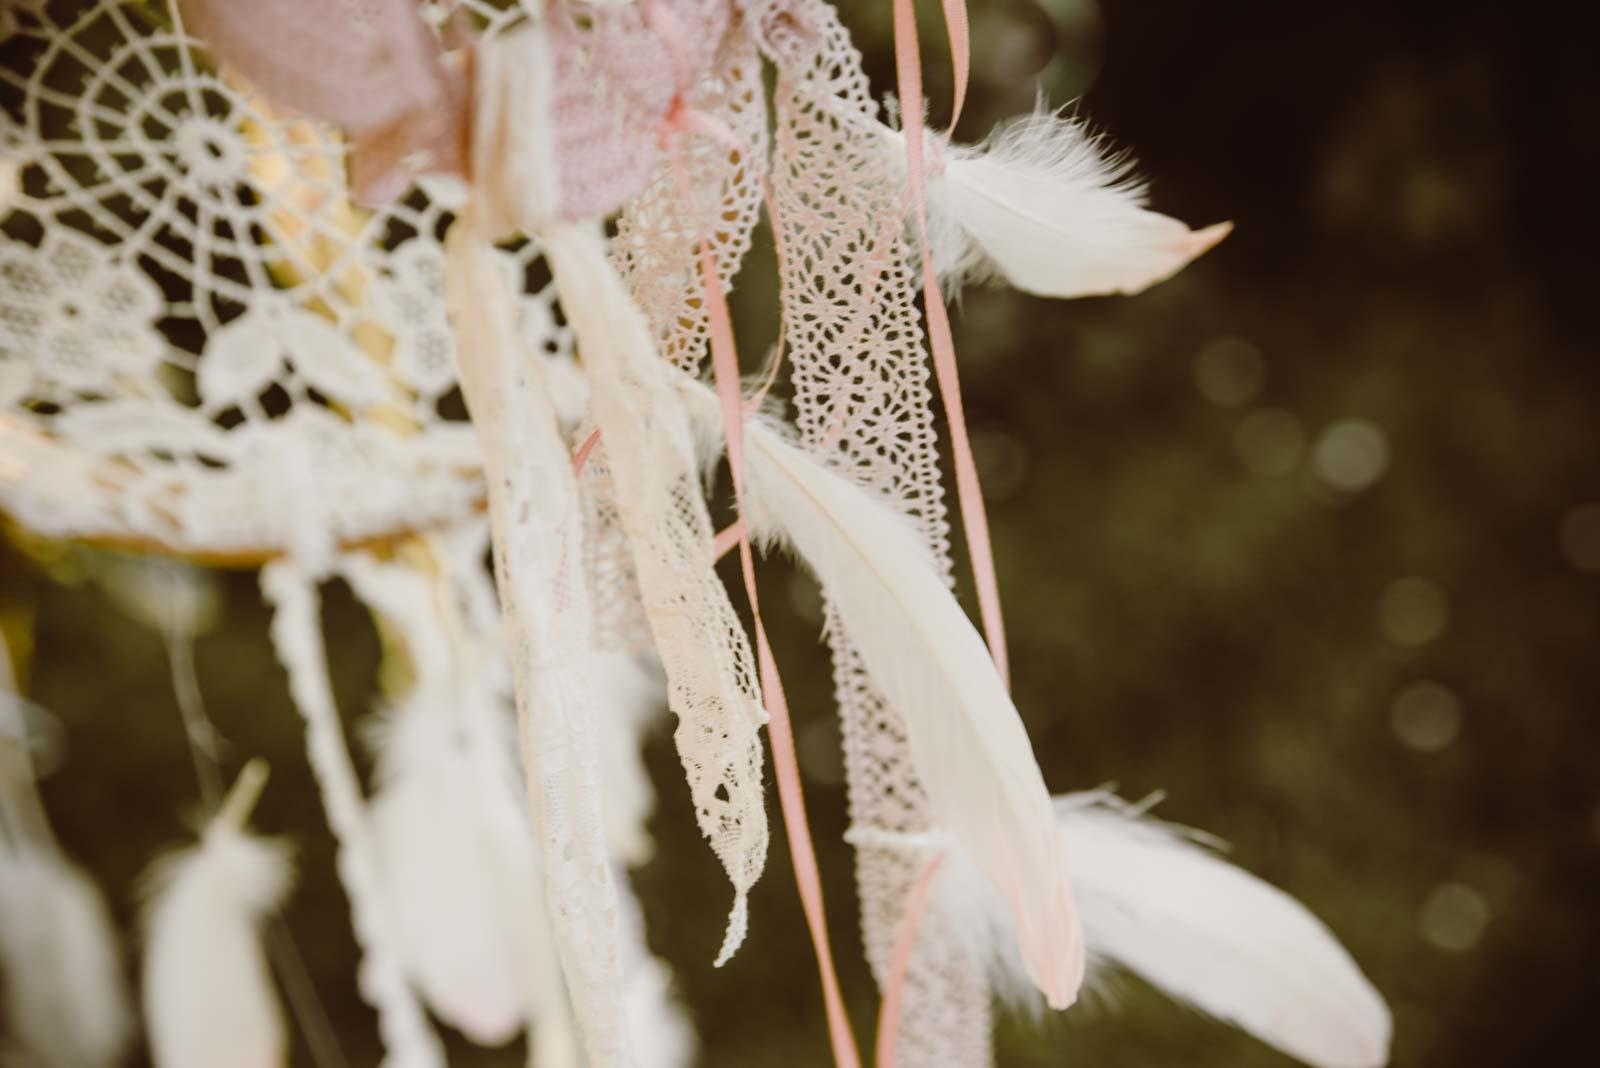 DIY-Dreamcatcher-Boho-Wedding-Dekoration-Traumfaenger-Hochzeitsdekoration-19